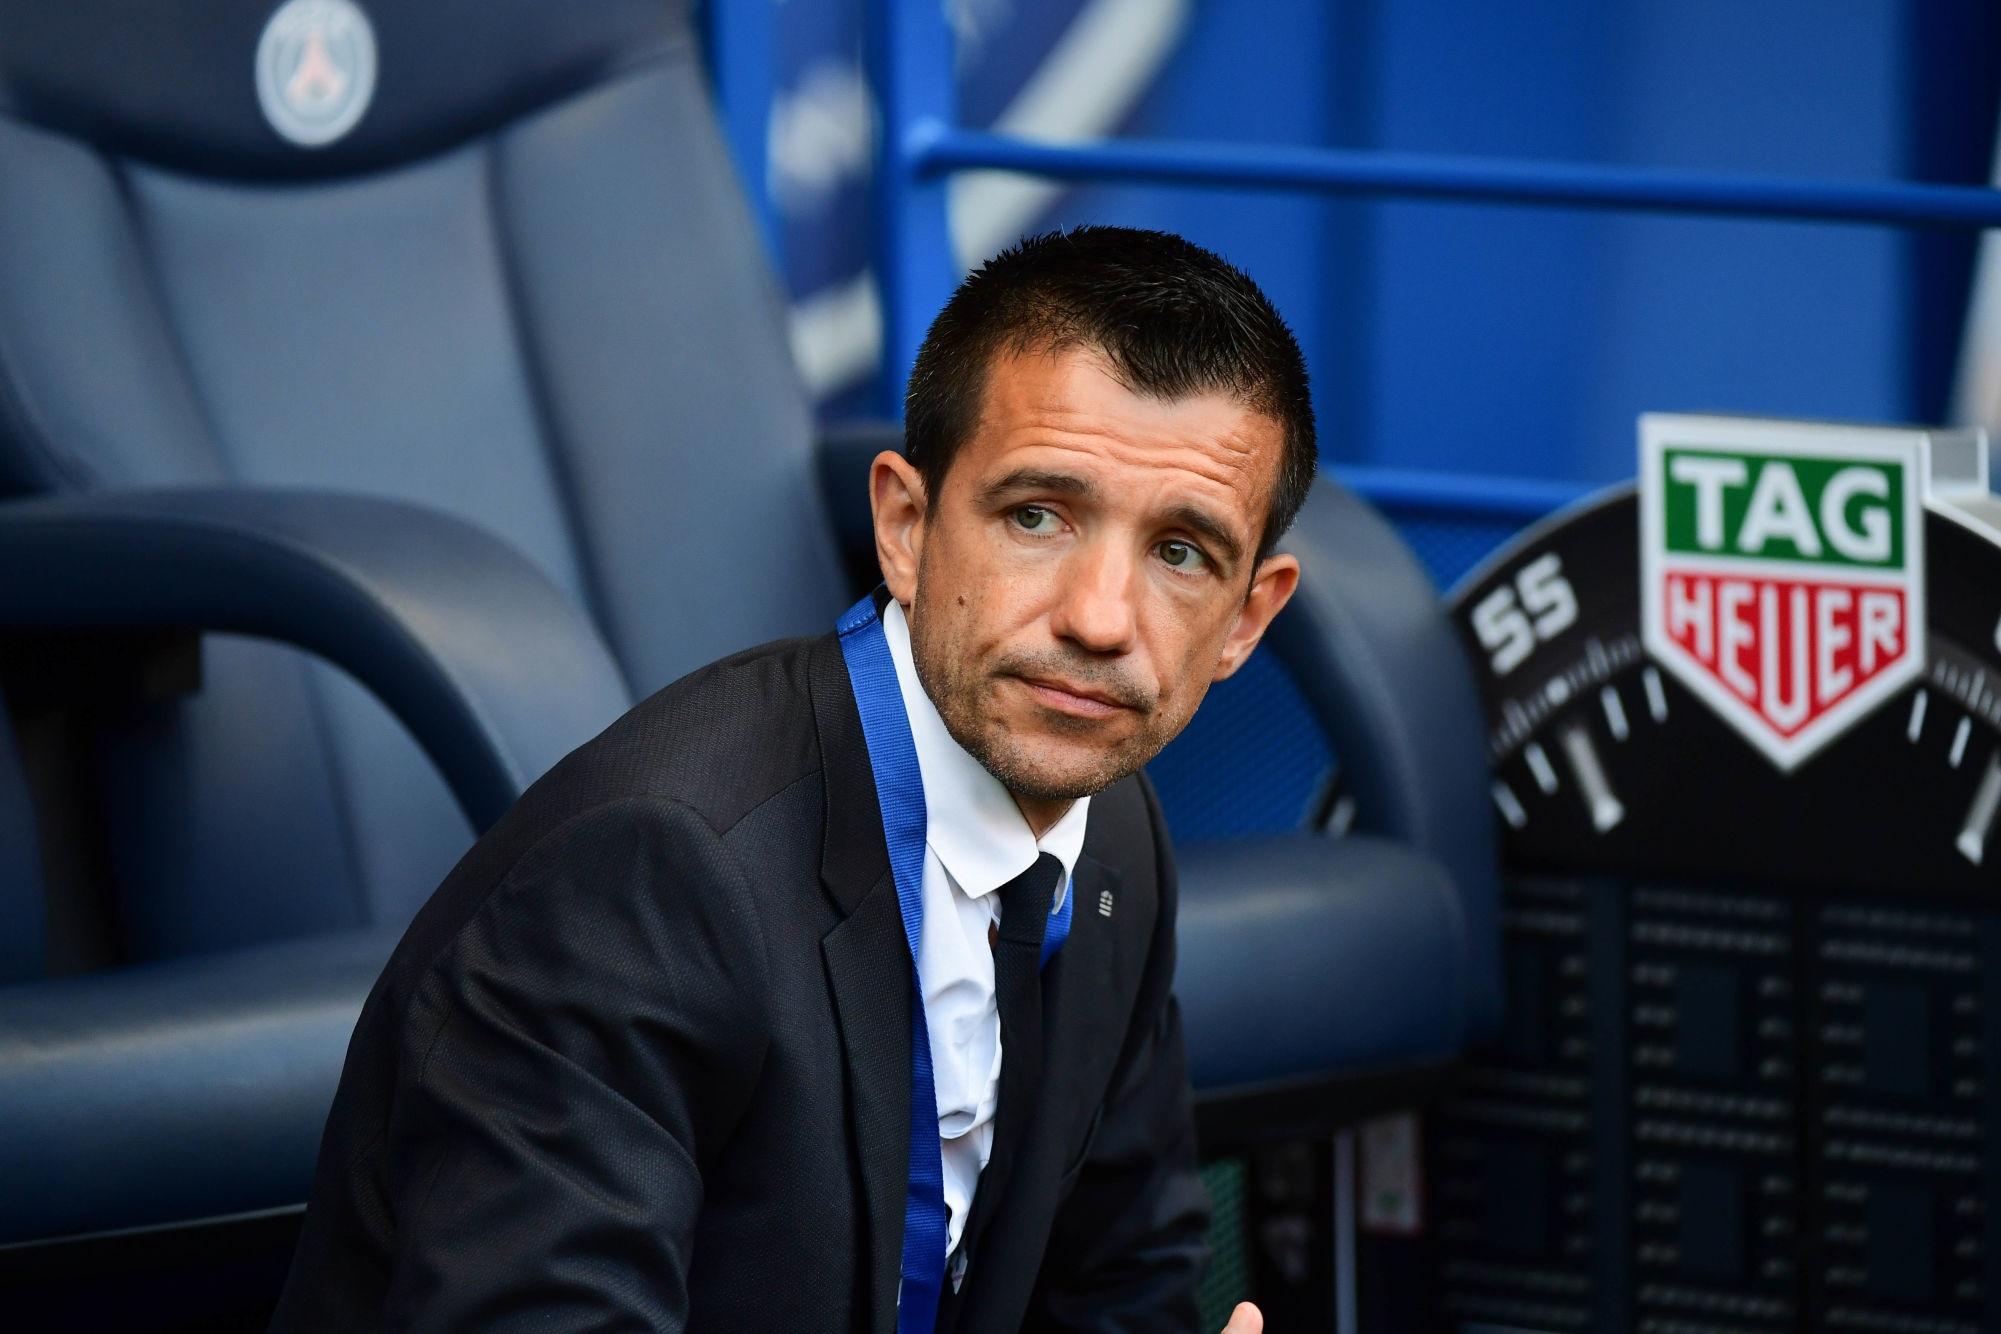 """Carrière veut voir le PSG """"asphyxier son adversaire"""" et réclame plus de constance"""